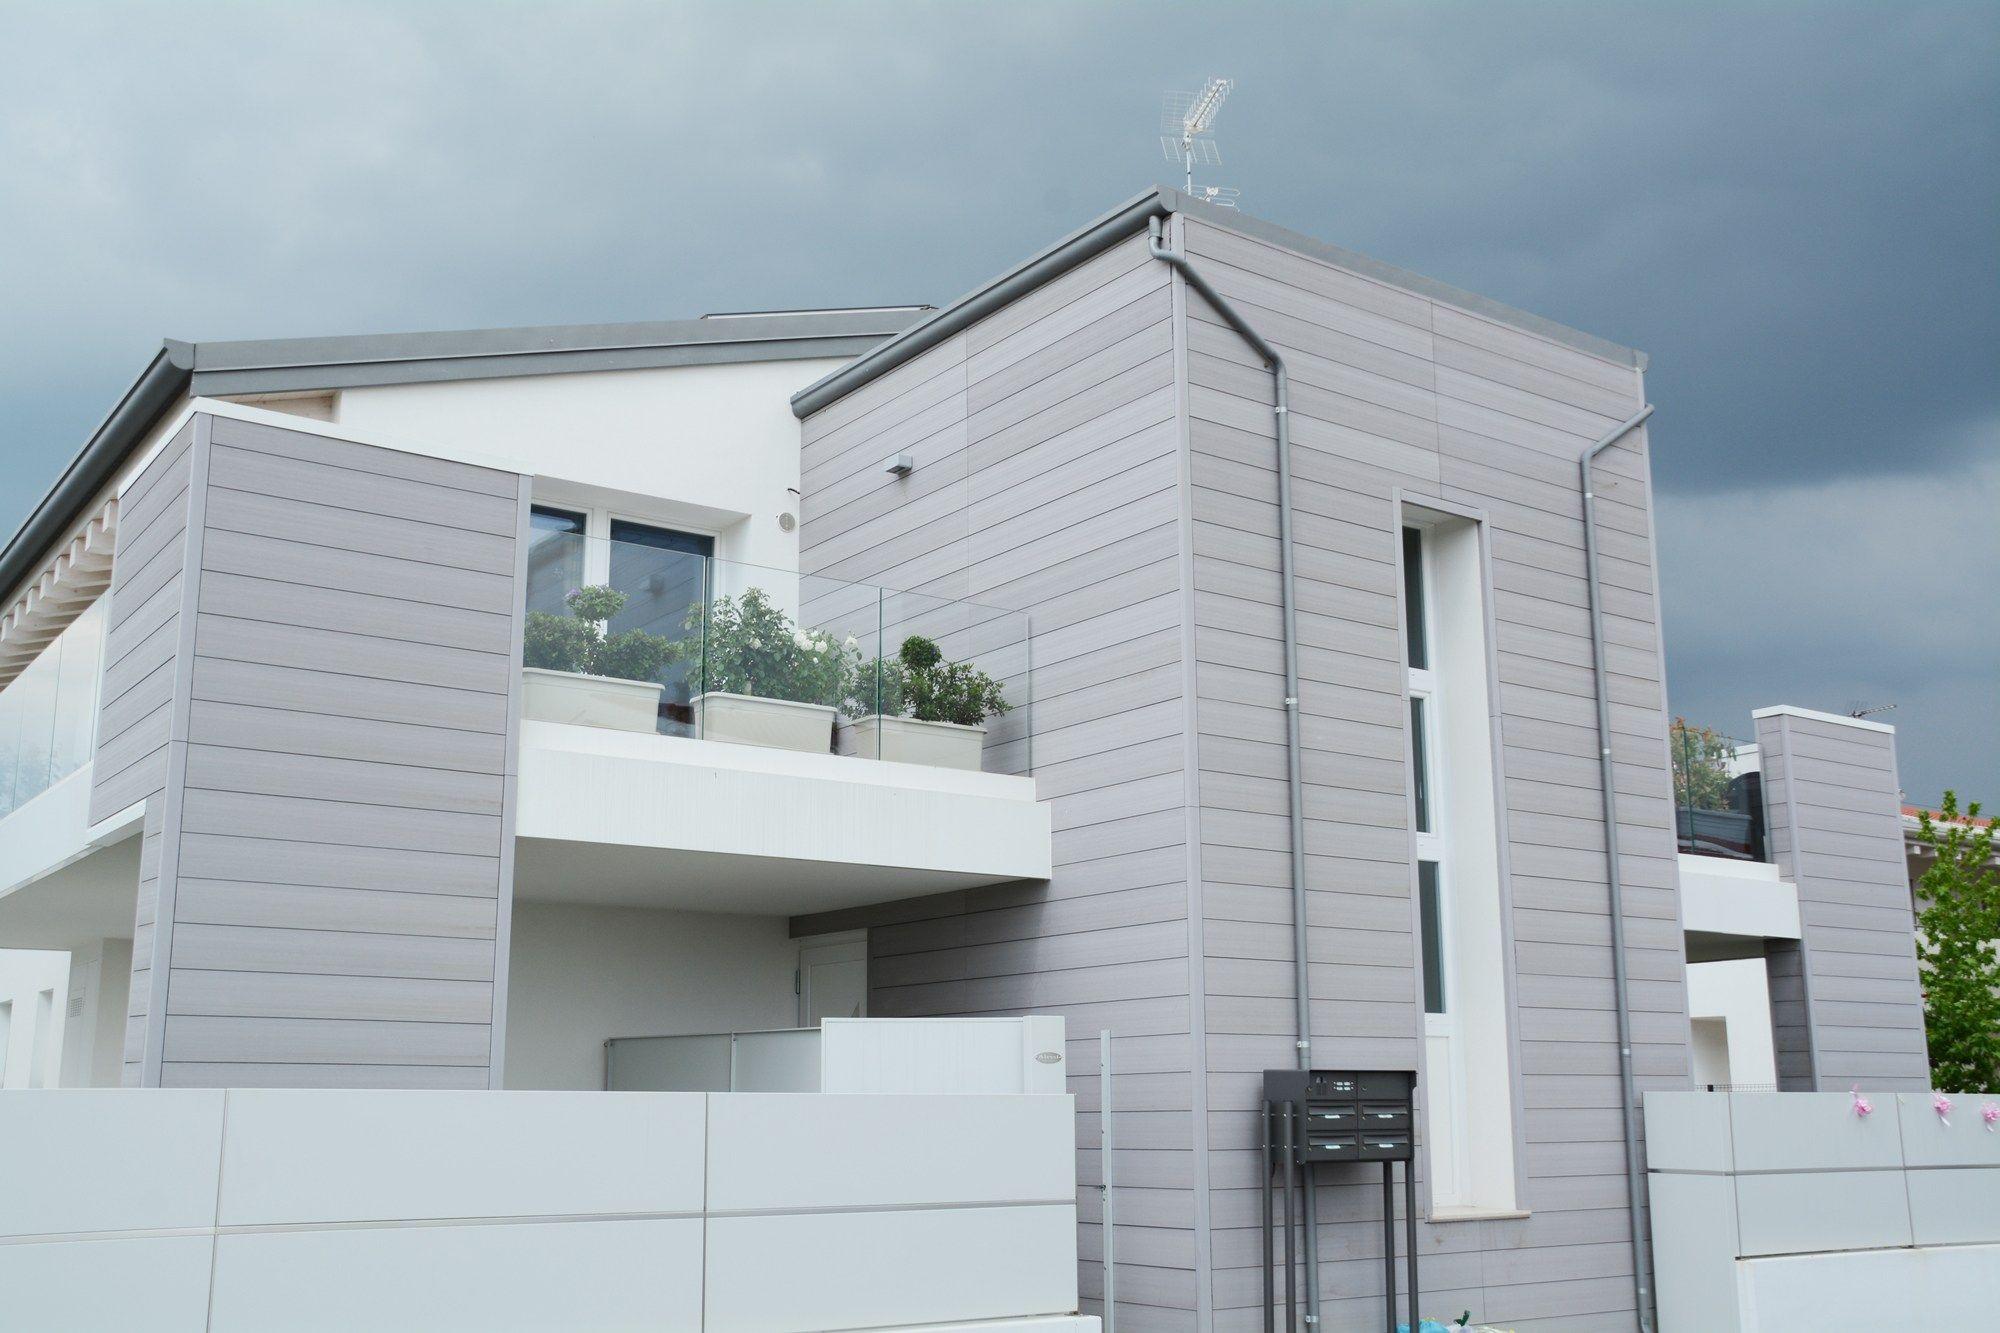 Pannello di facciata in materiale composito modulatus for Immagini facciate case